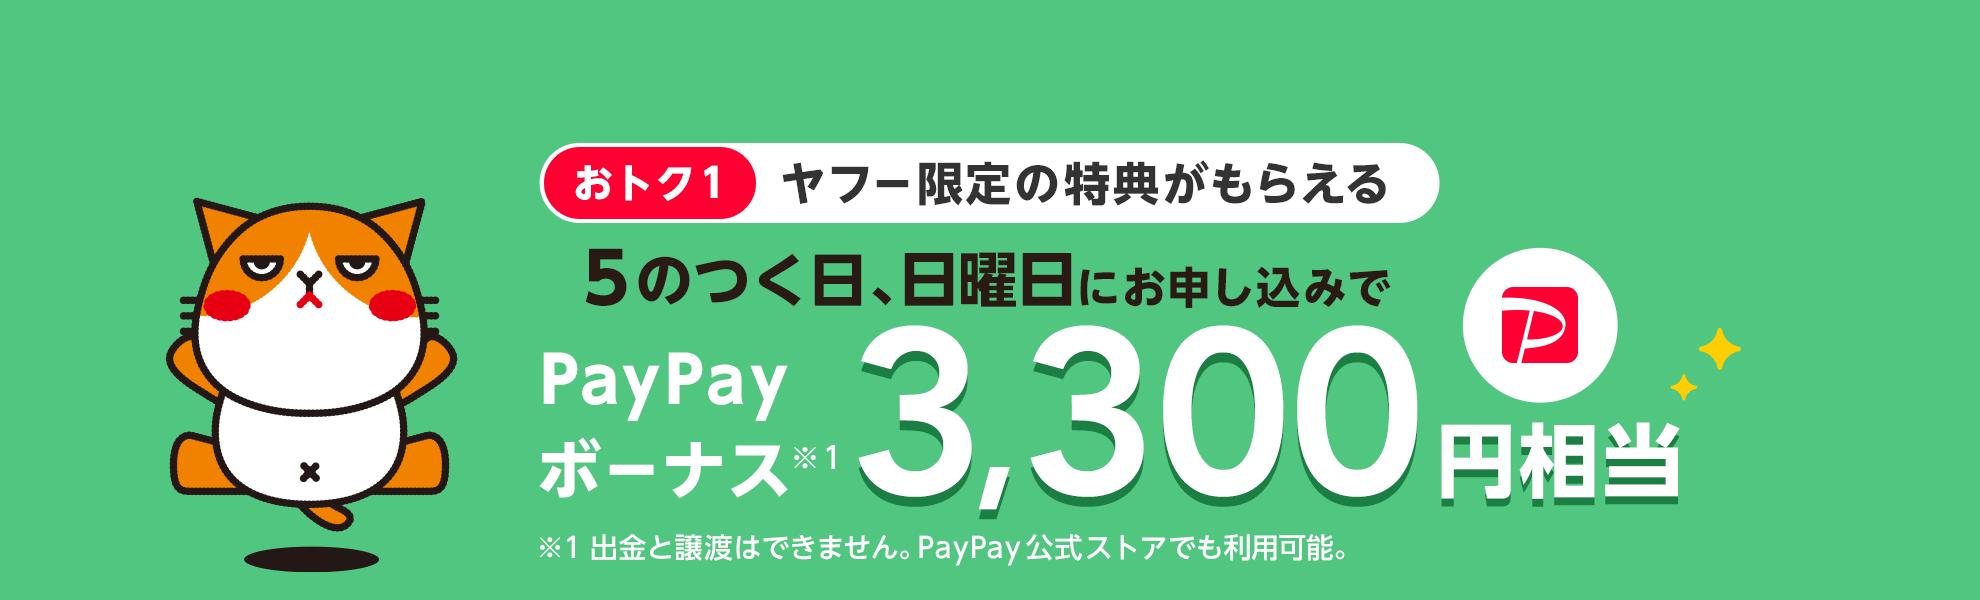 おトク1 ヤフー限定の特典がもらえる 5のつく日、日曜日にお申し込みで PayPayボーナス※1 3,300円相当 ※1 出金と譲渡はできません。PayPay公式ストアでも利用可能。